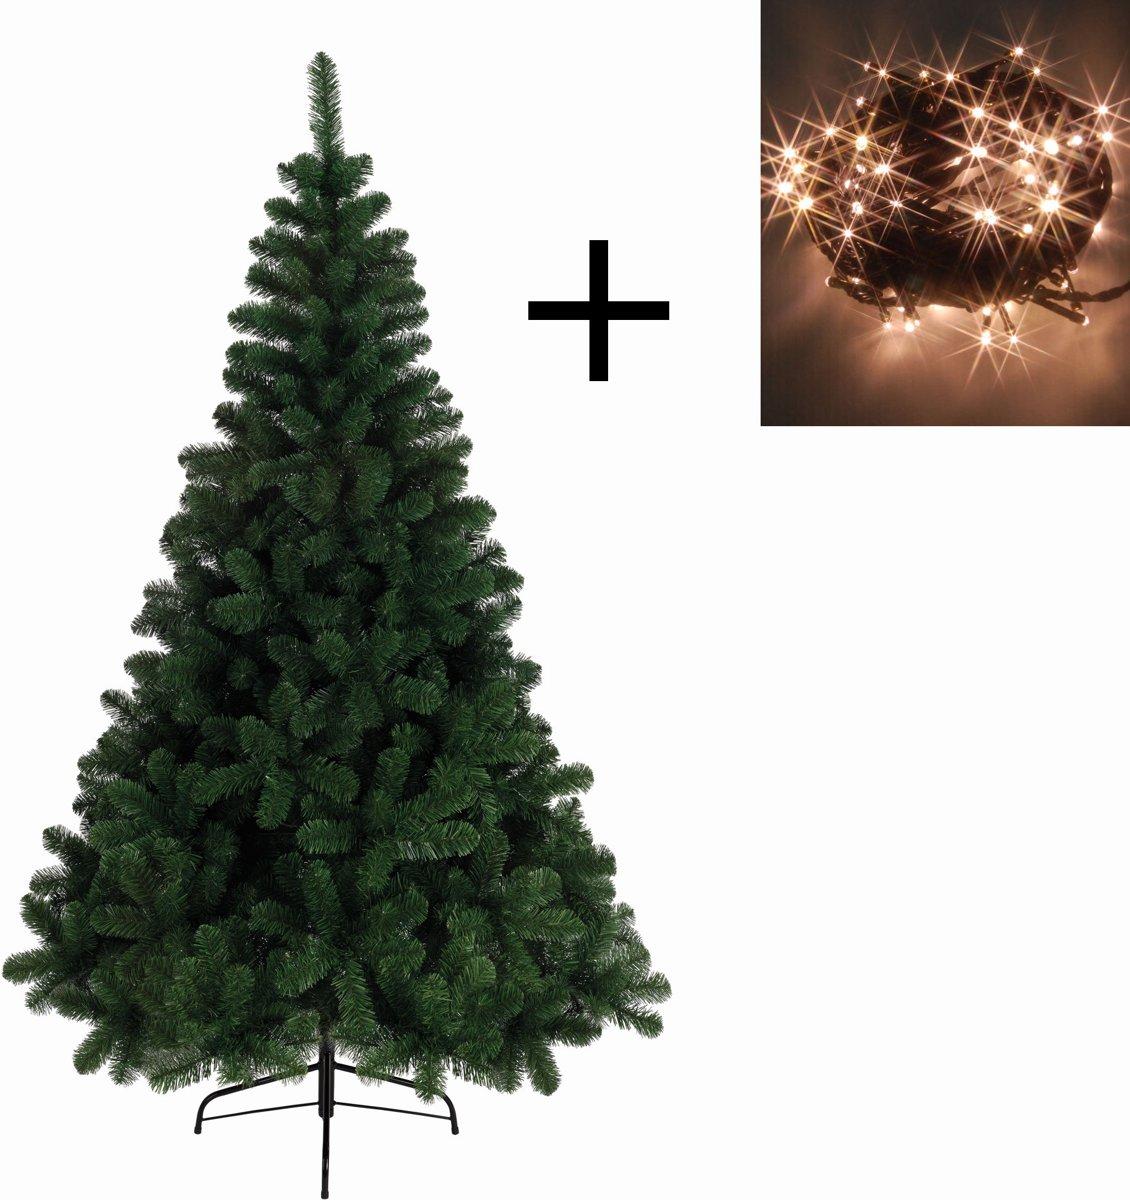 bol.com | Kunstkerstboom met verlichting kopen? Kijk snel!